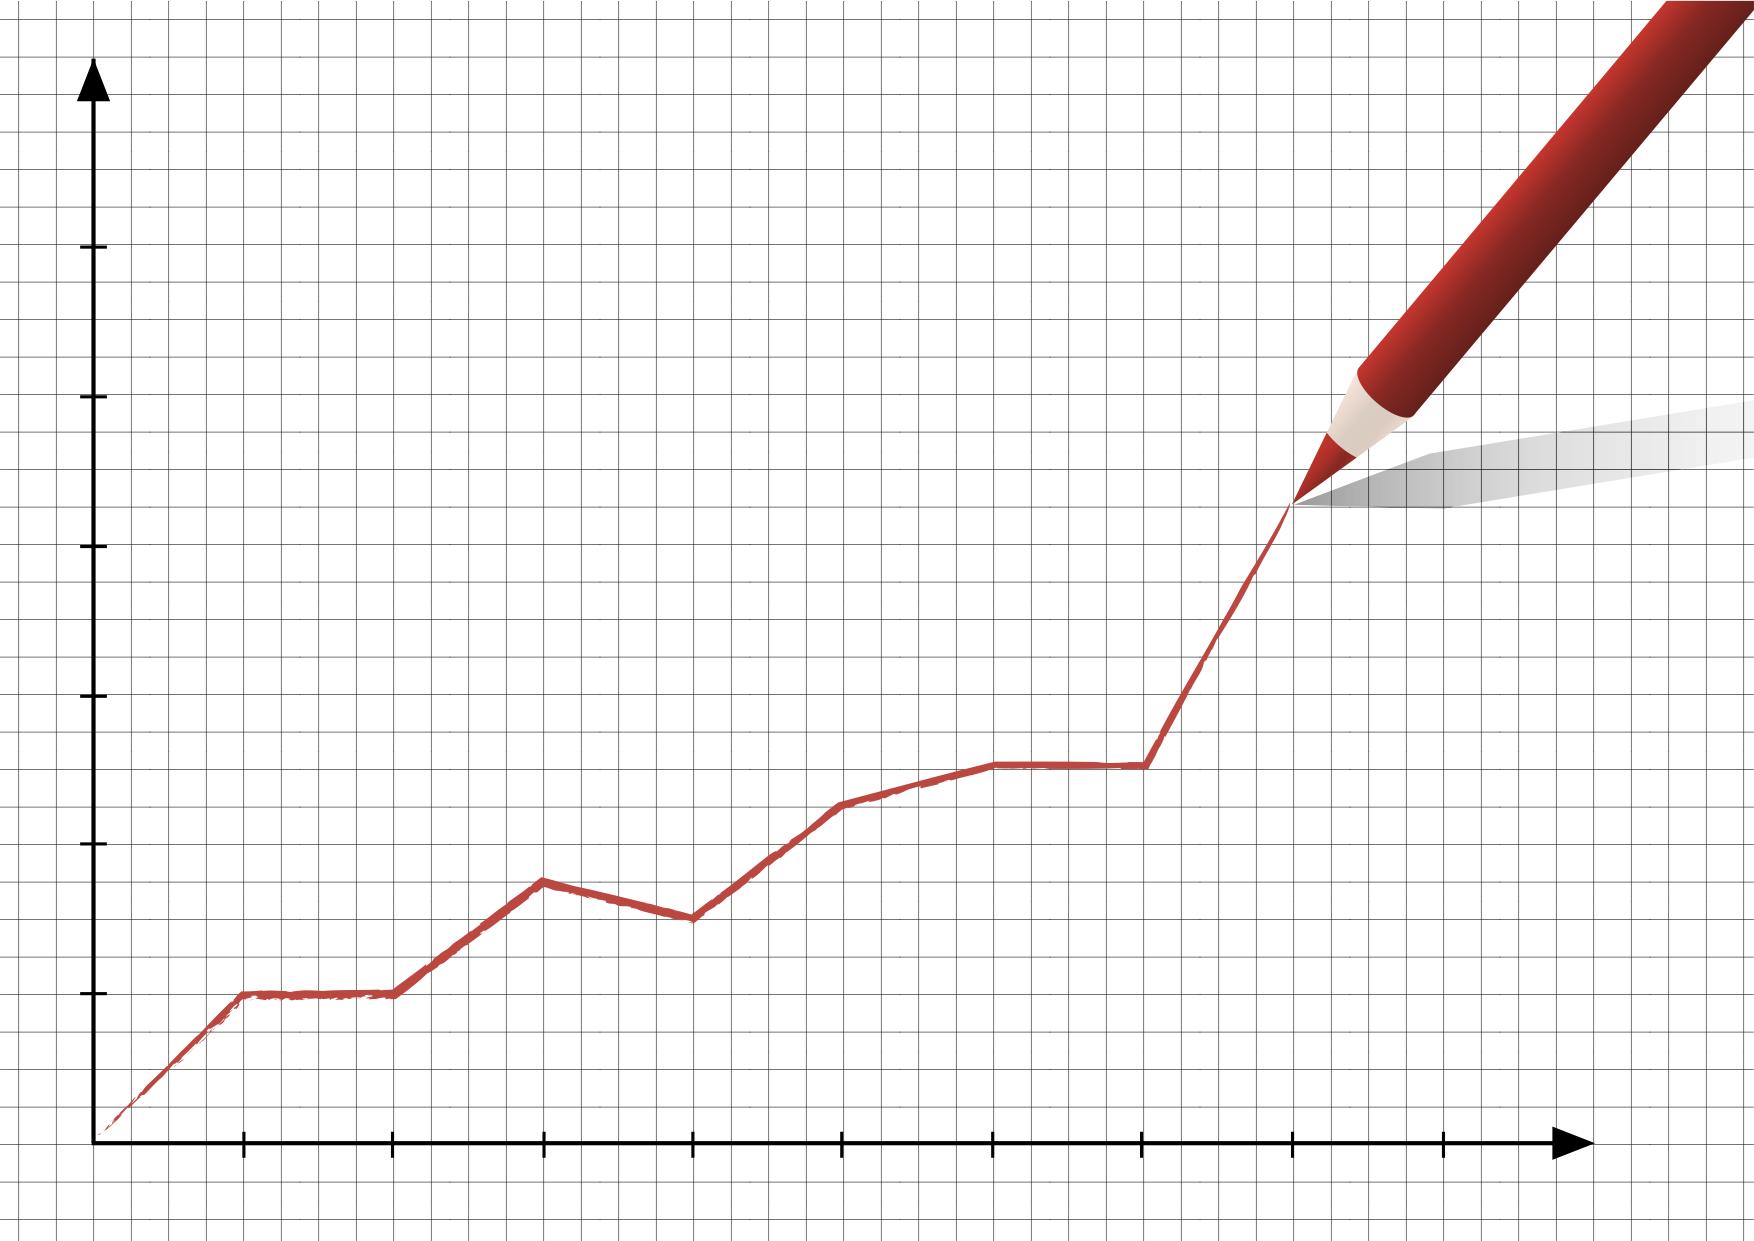 随机计算图:在随机结点中执行反向传播的新方法